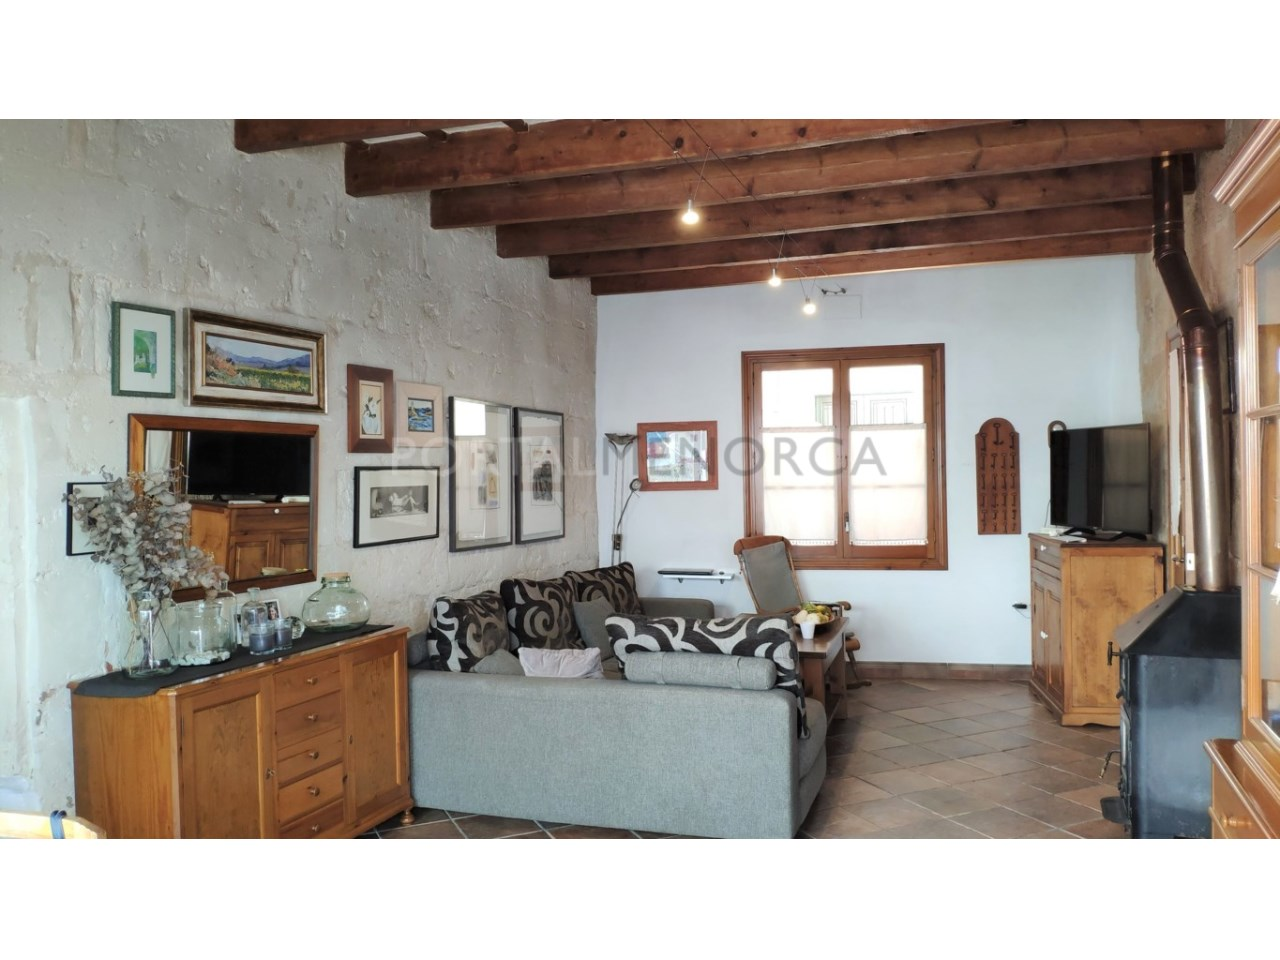 Casa con patio en venta en el casco histórico de Ciutadella - salón